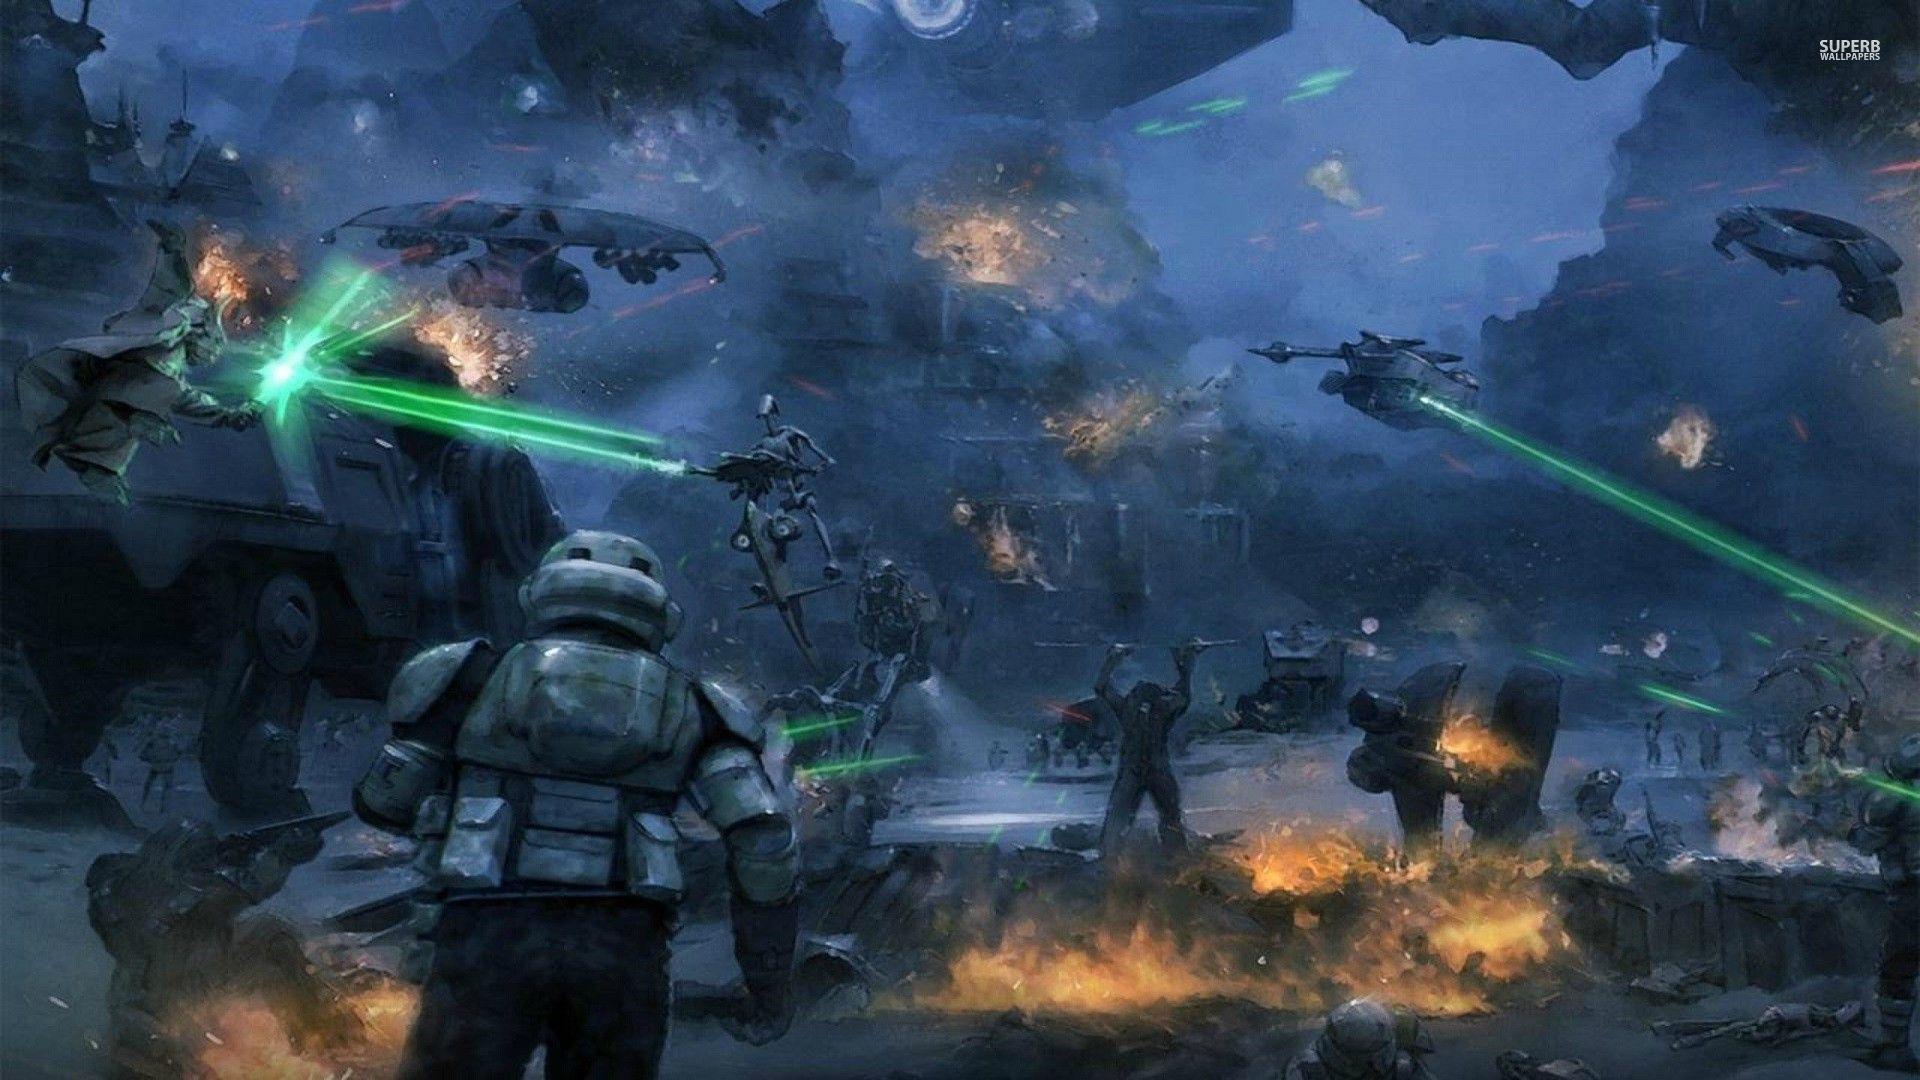 The Clone Wars Wallpaper Hd Star Wars Clone Wars Background 1920x1080 Wallpaper Teahub Io